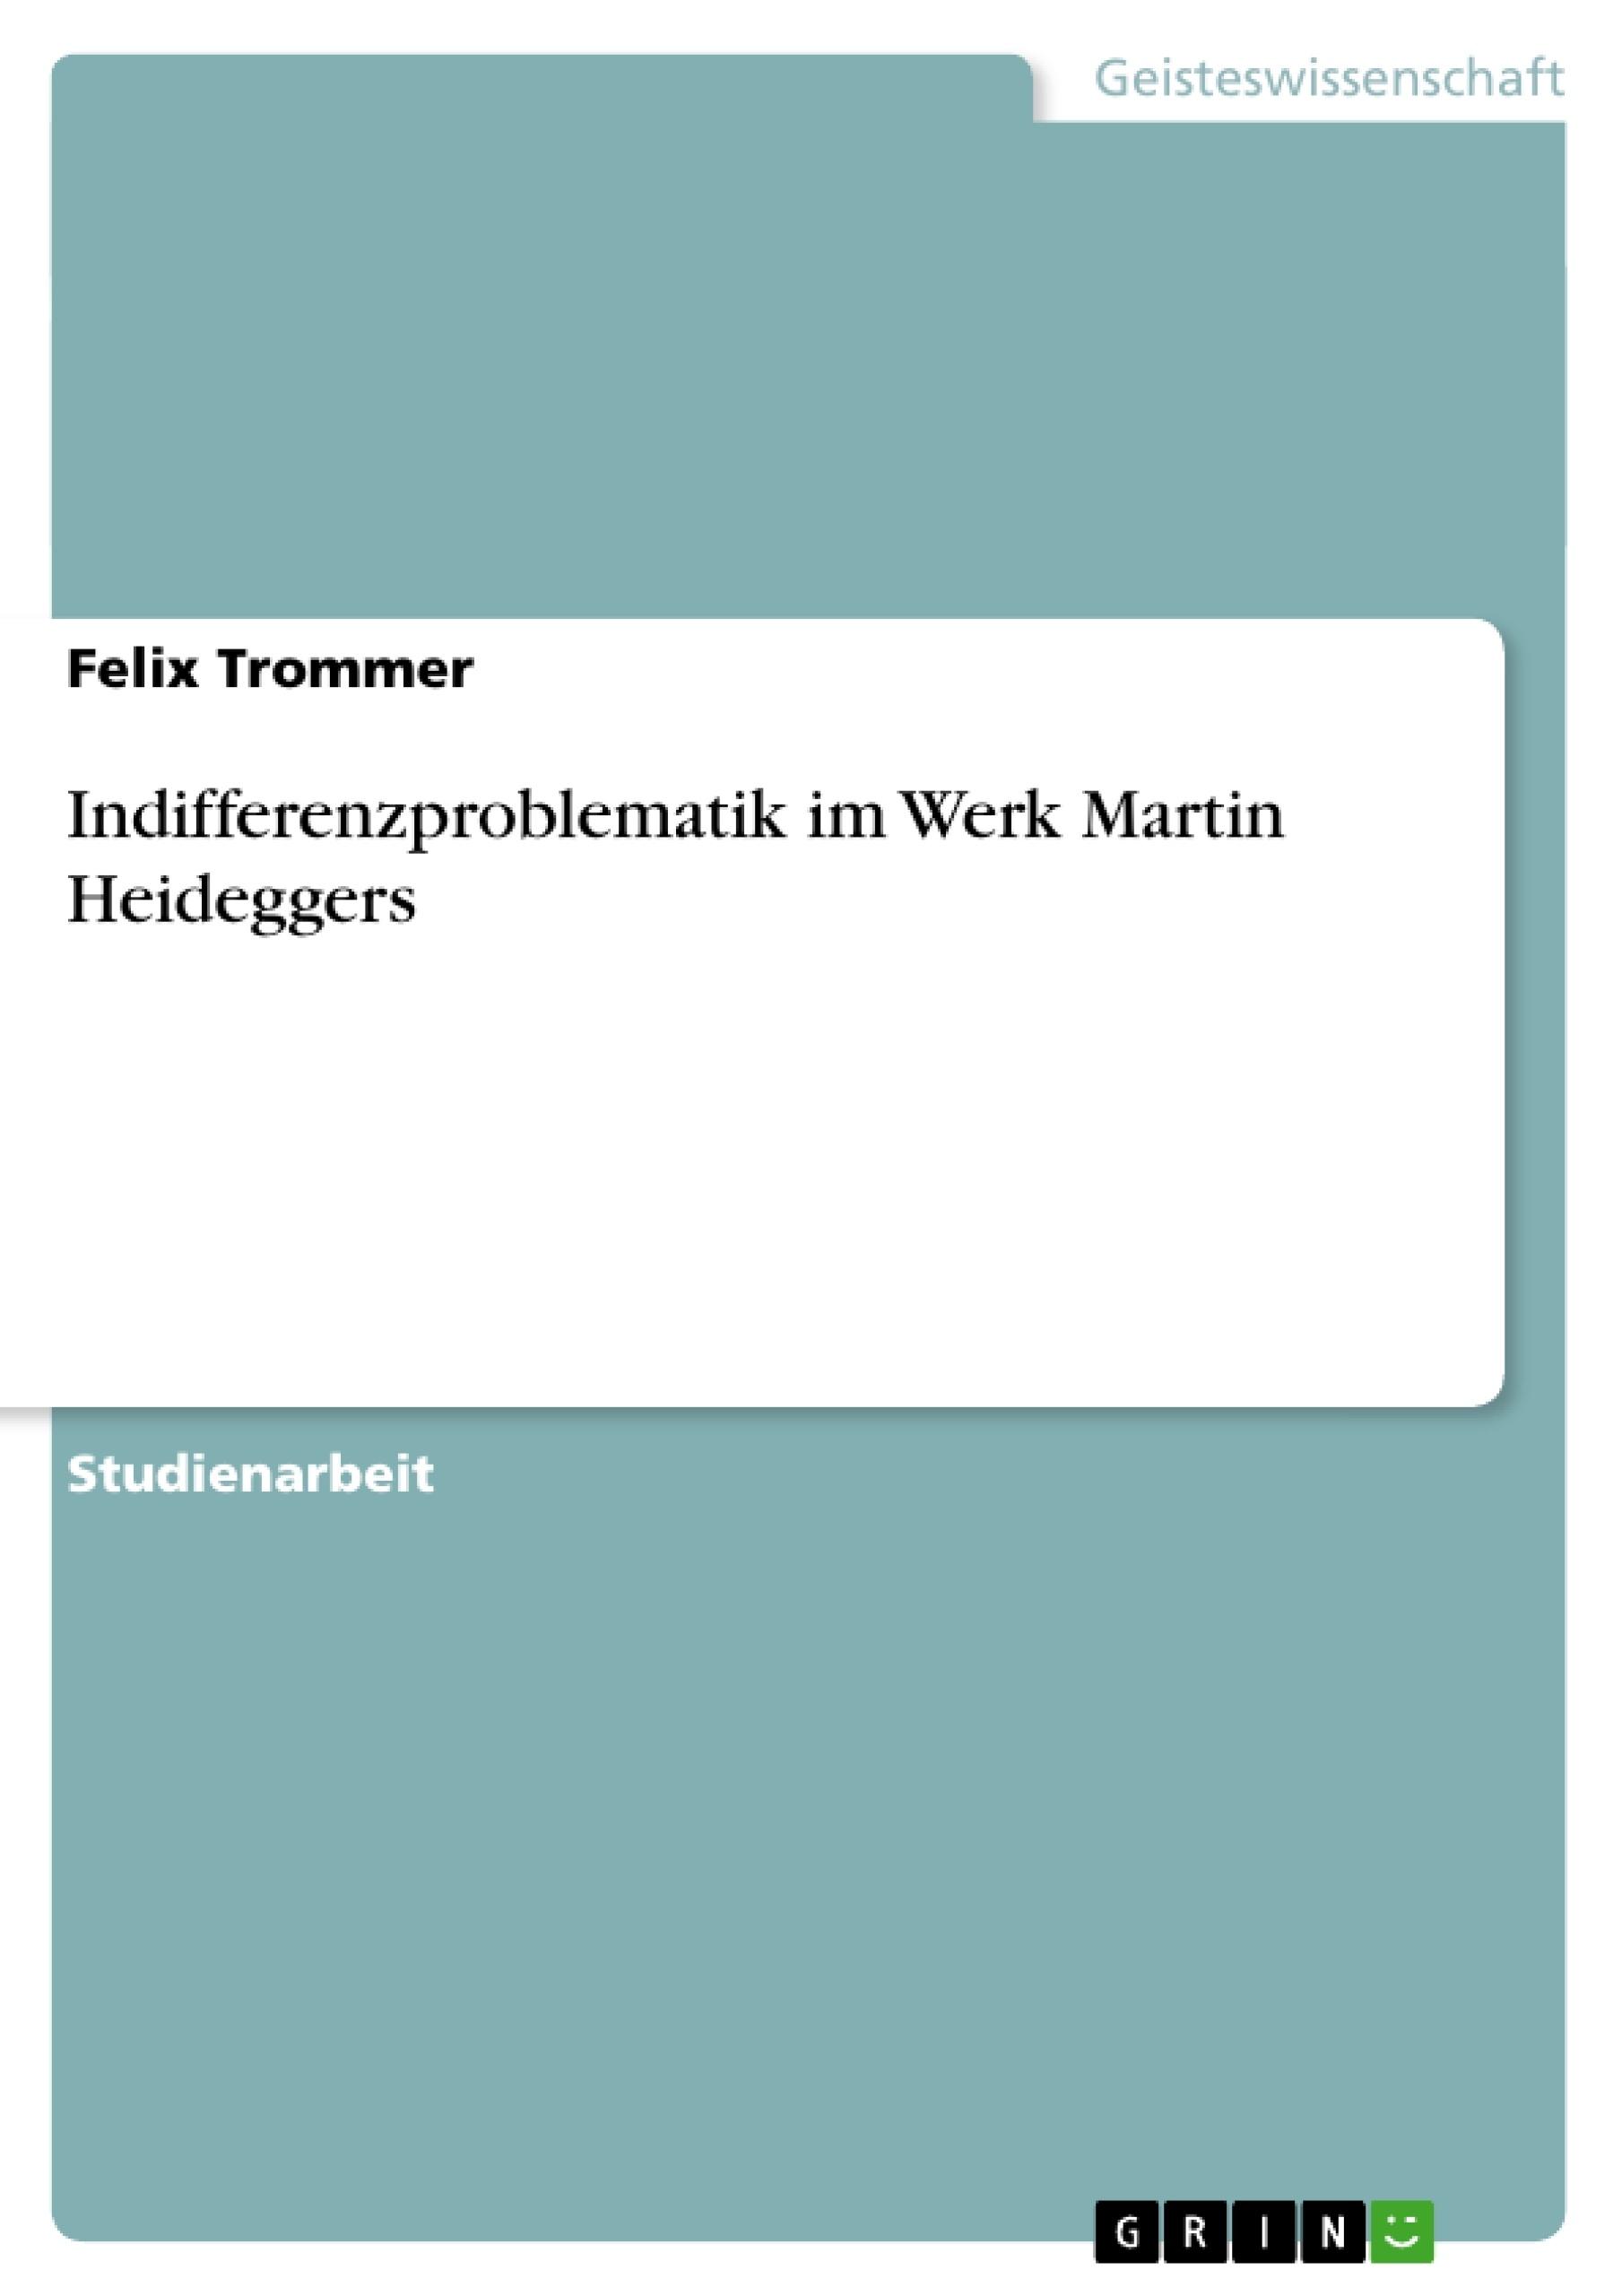 Titel: Indifferenzproblematik im Werk Martin Heideggers